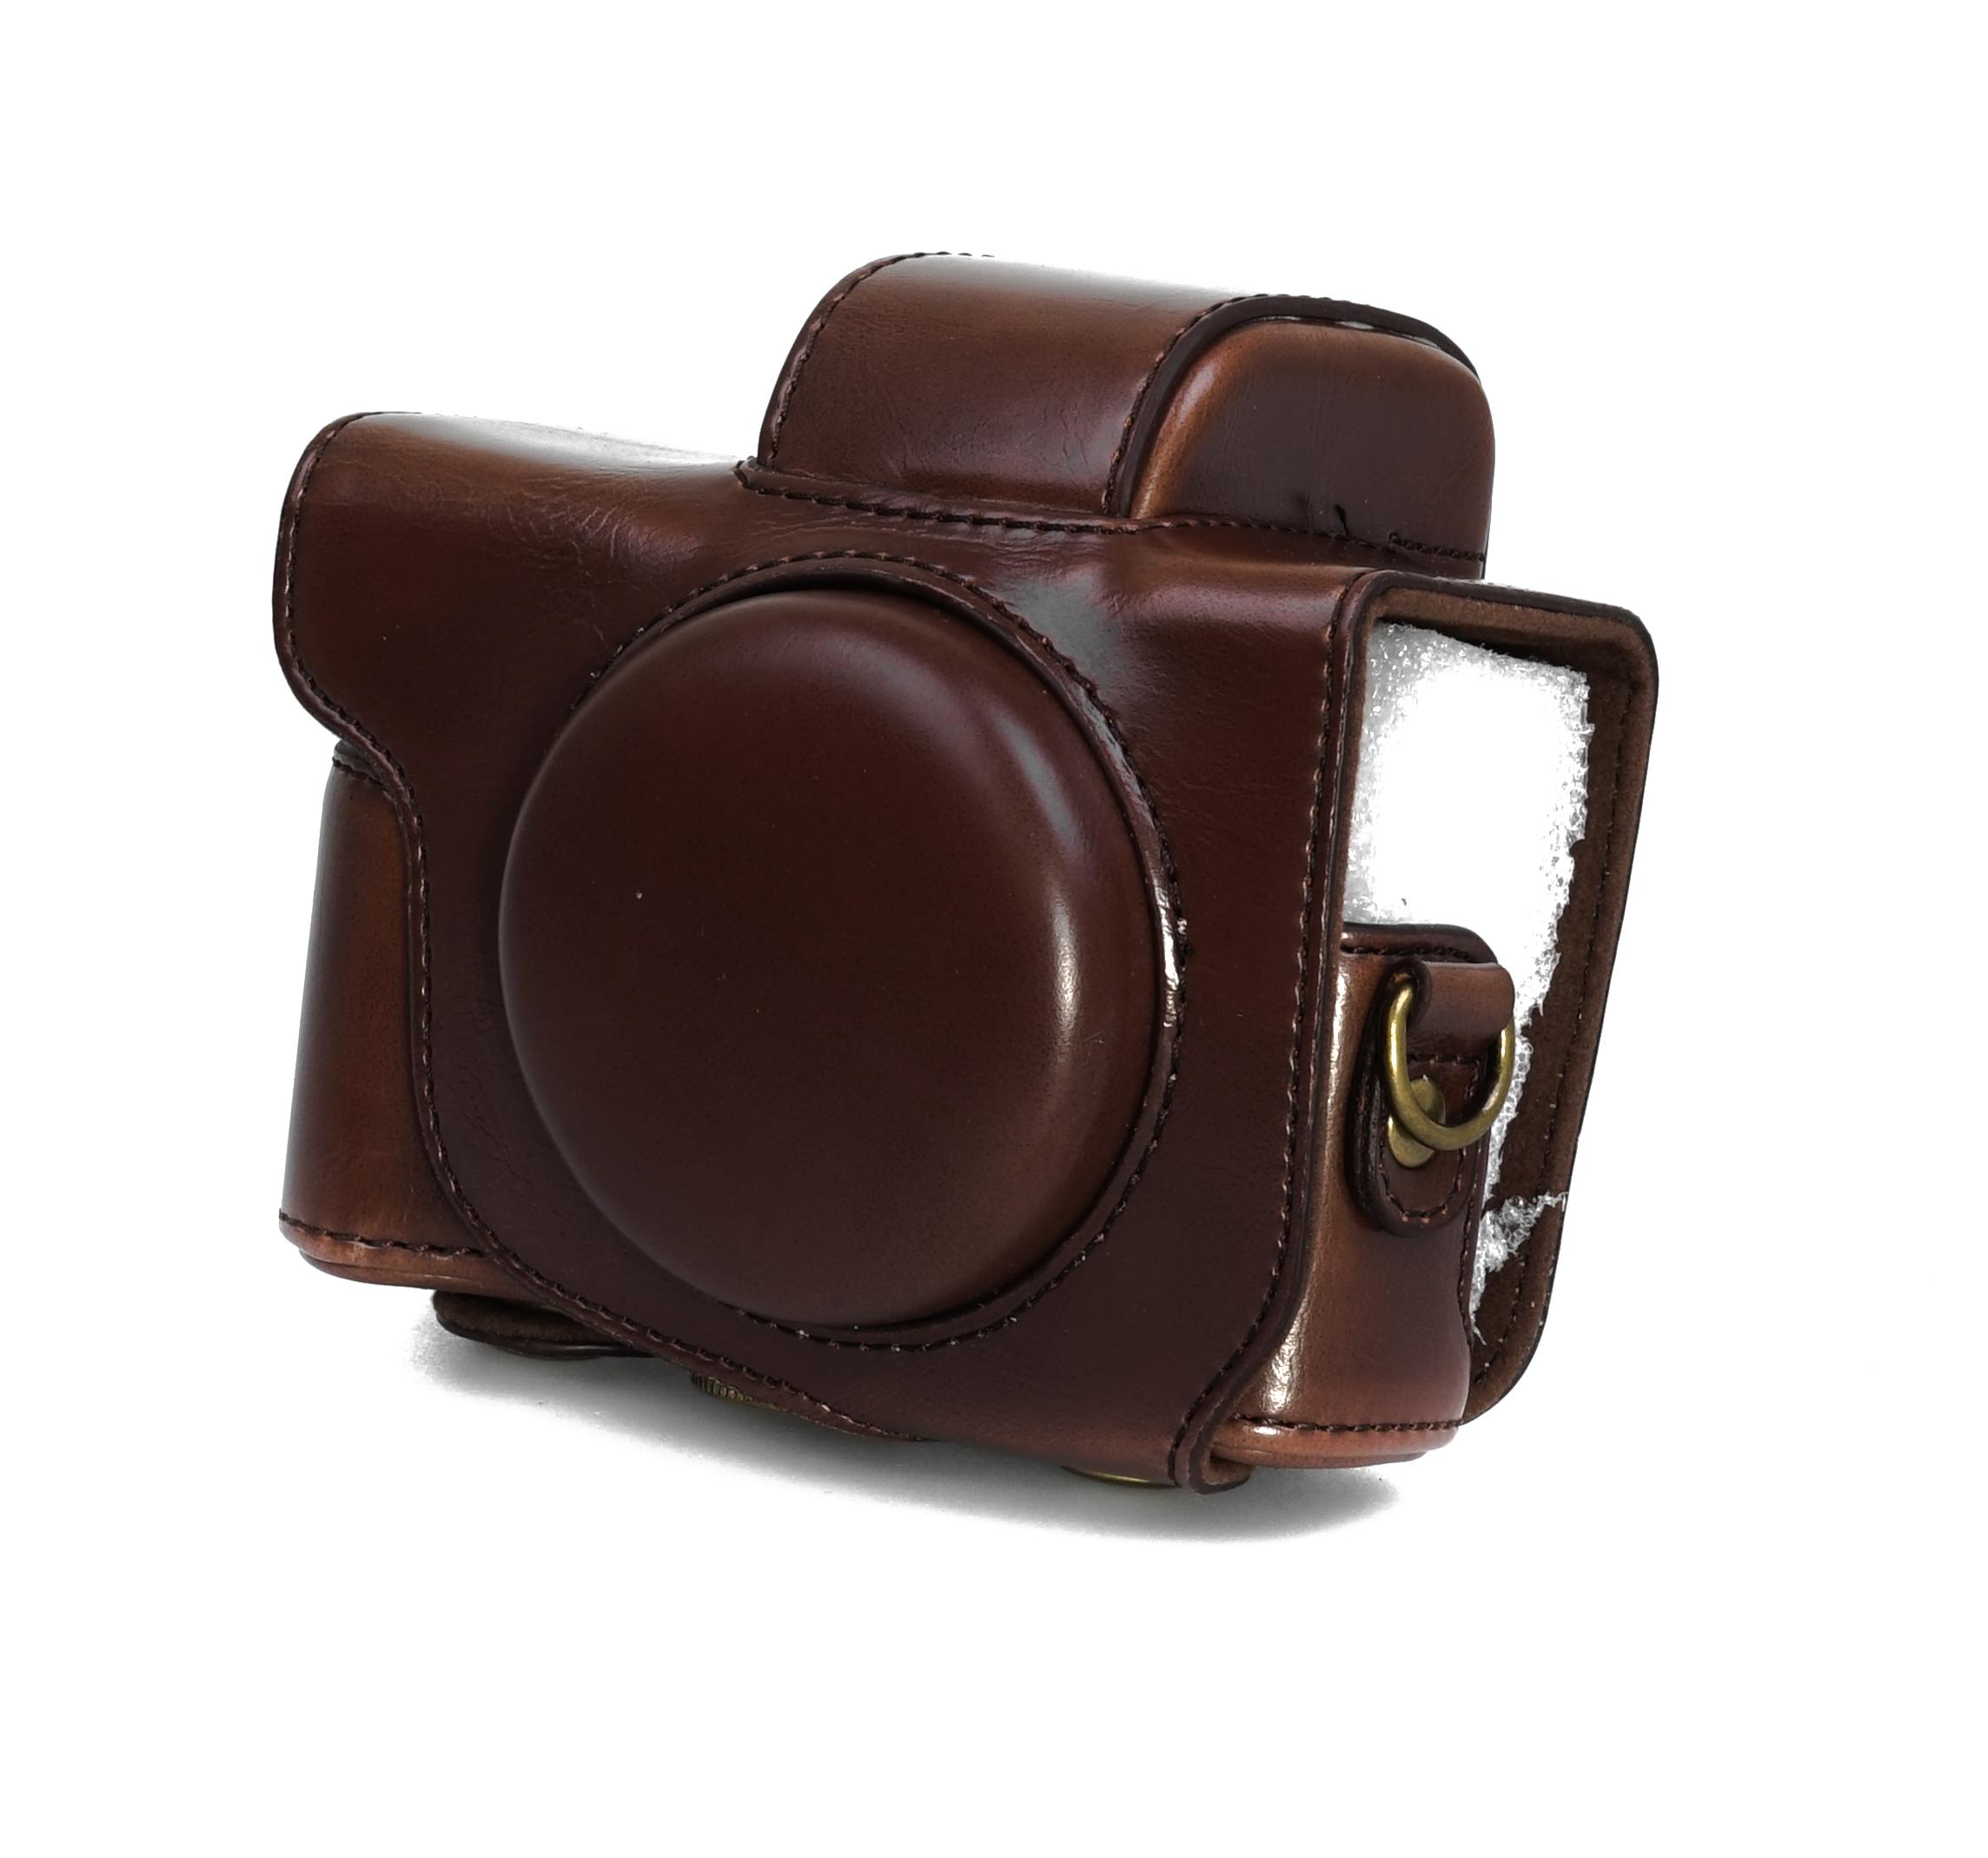 Kameratasche Etui für Canon EOS M6 MARK II Kunstleder Tasche schwarz CC1130a